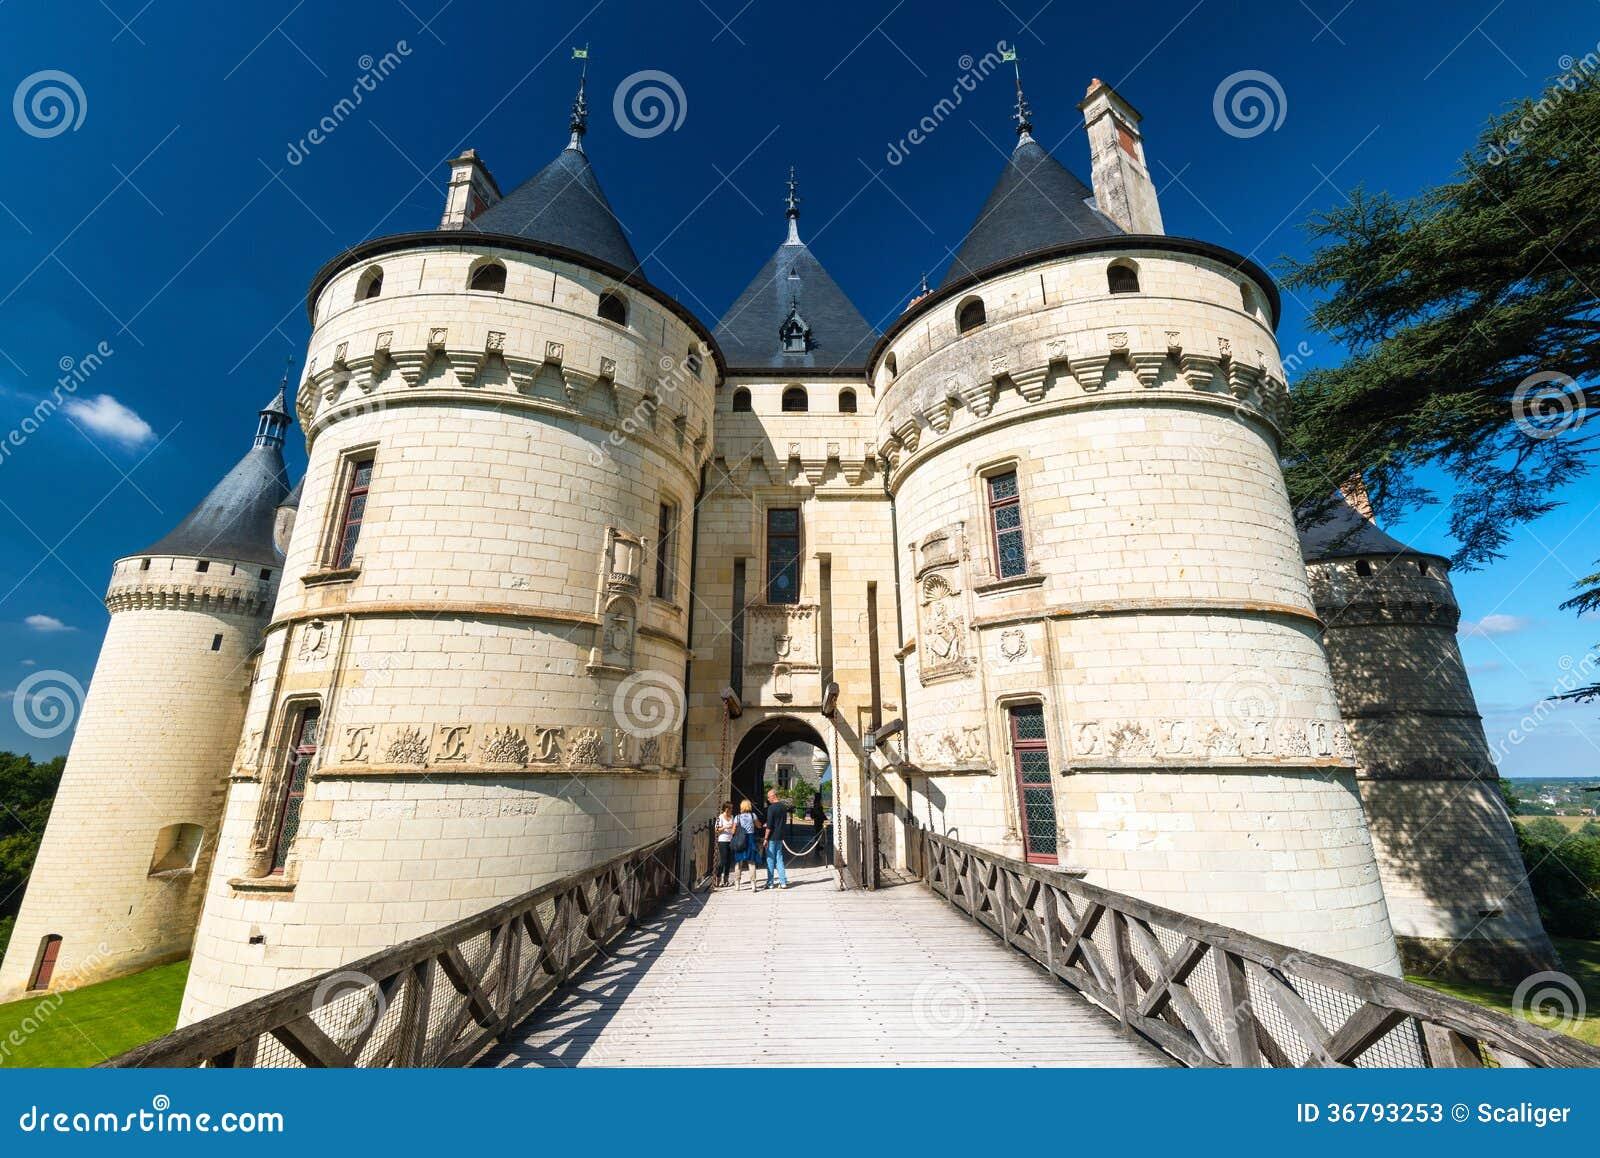 Chateau De Chaumont-sur-Loire, France Editorial Stock Photo - Image of chateaux, chaumont: 36793253